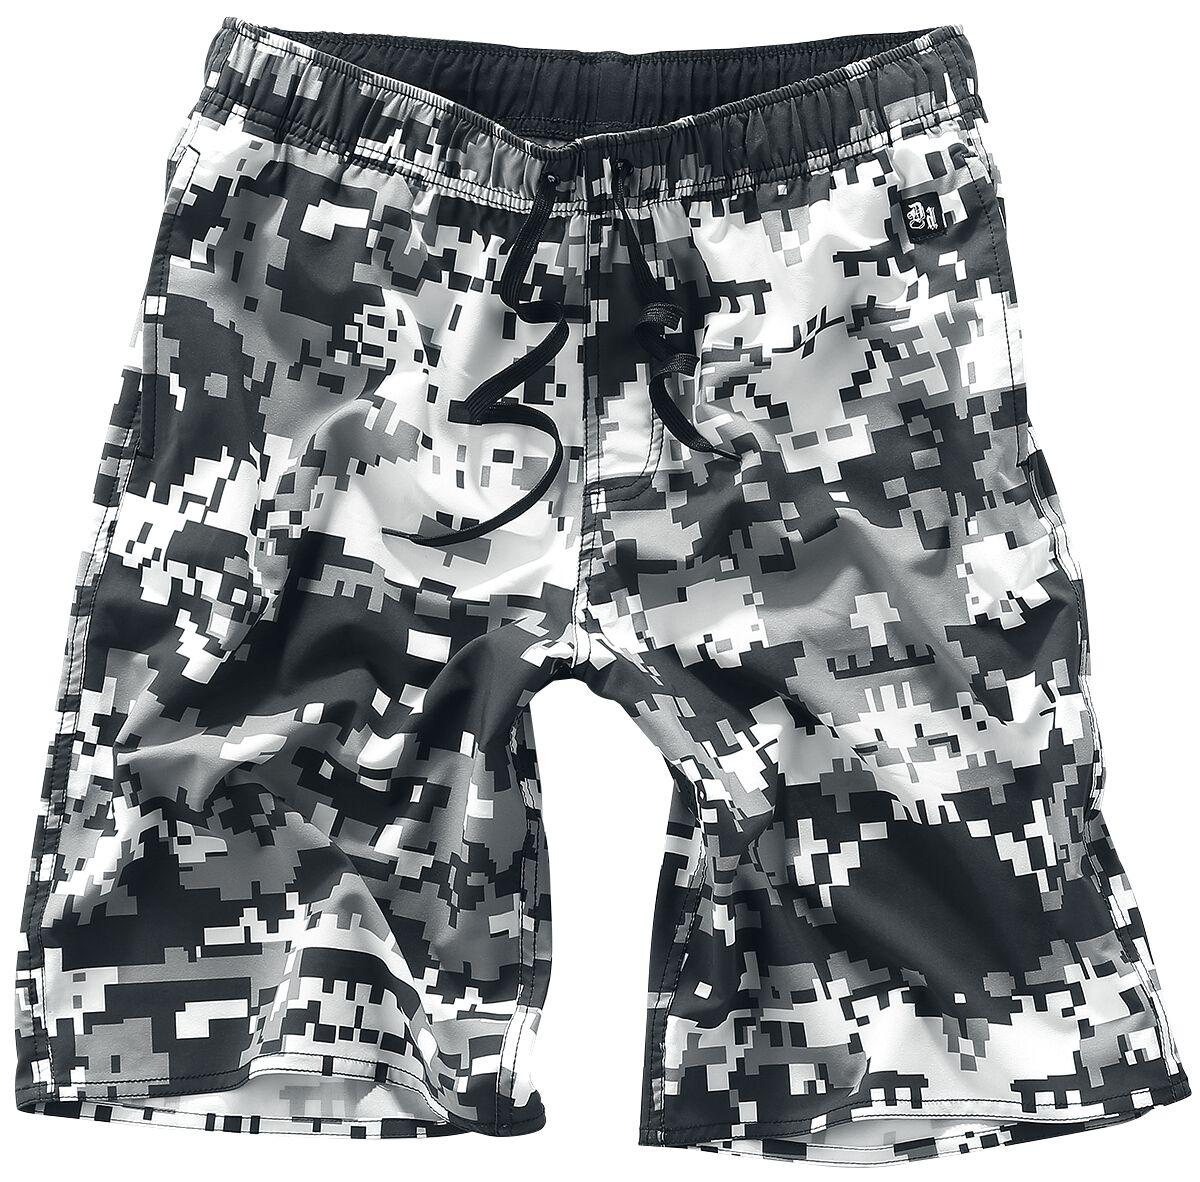 Marki - Odzież kąpielowa - Kąpielówki Doomsday Pixel Shorts Kąpielówki szary/biały - 343673